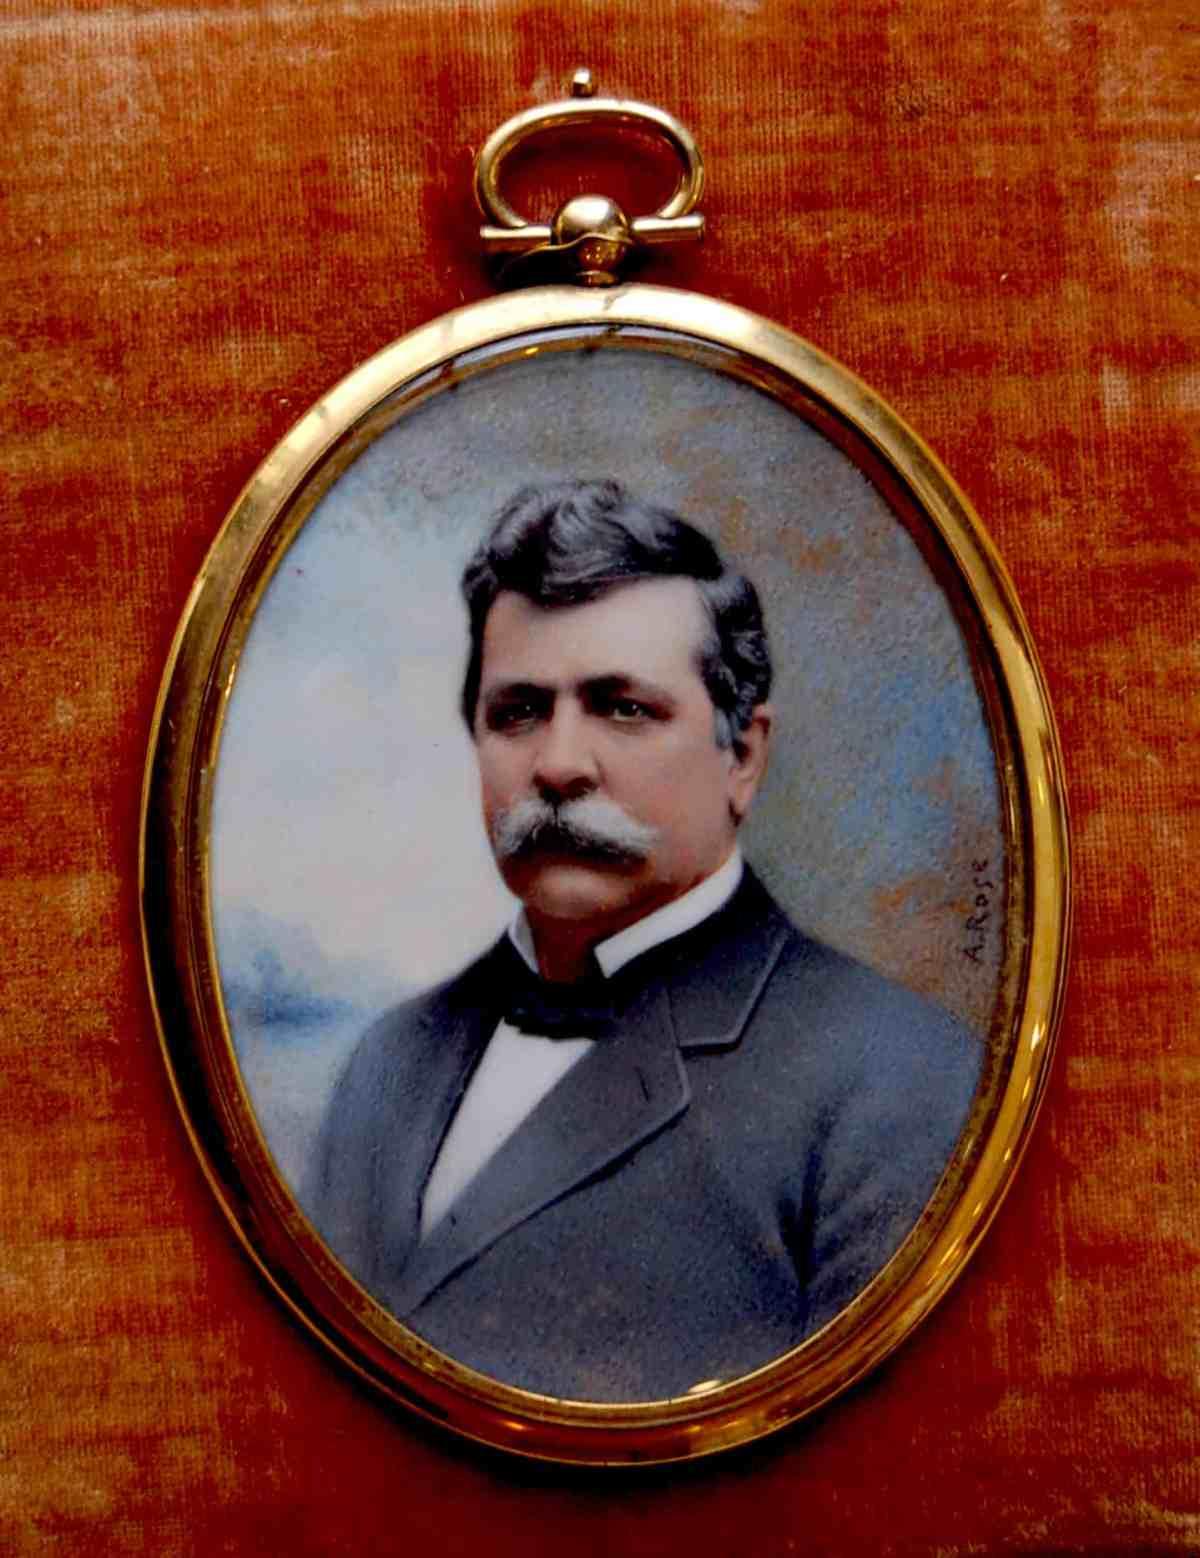 Dennis C. Wilcox